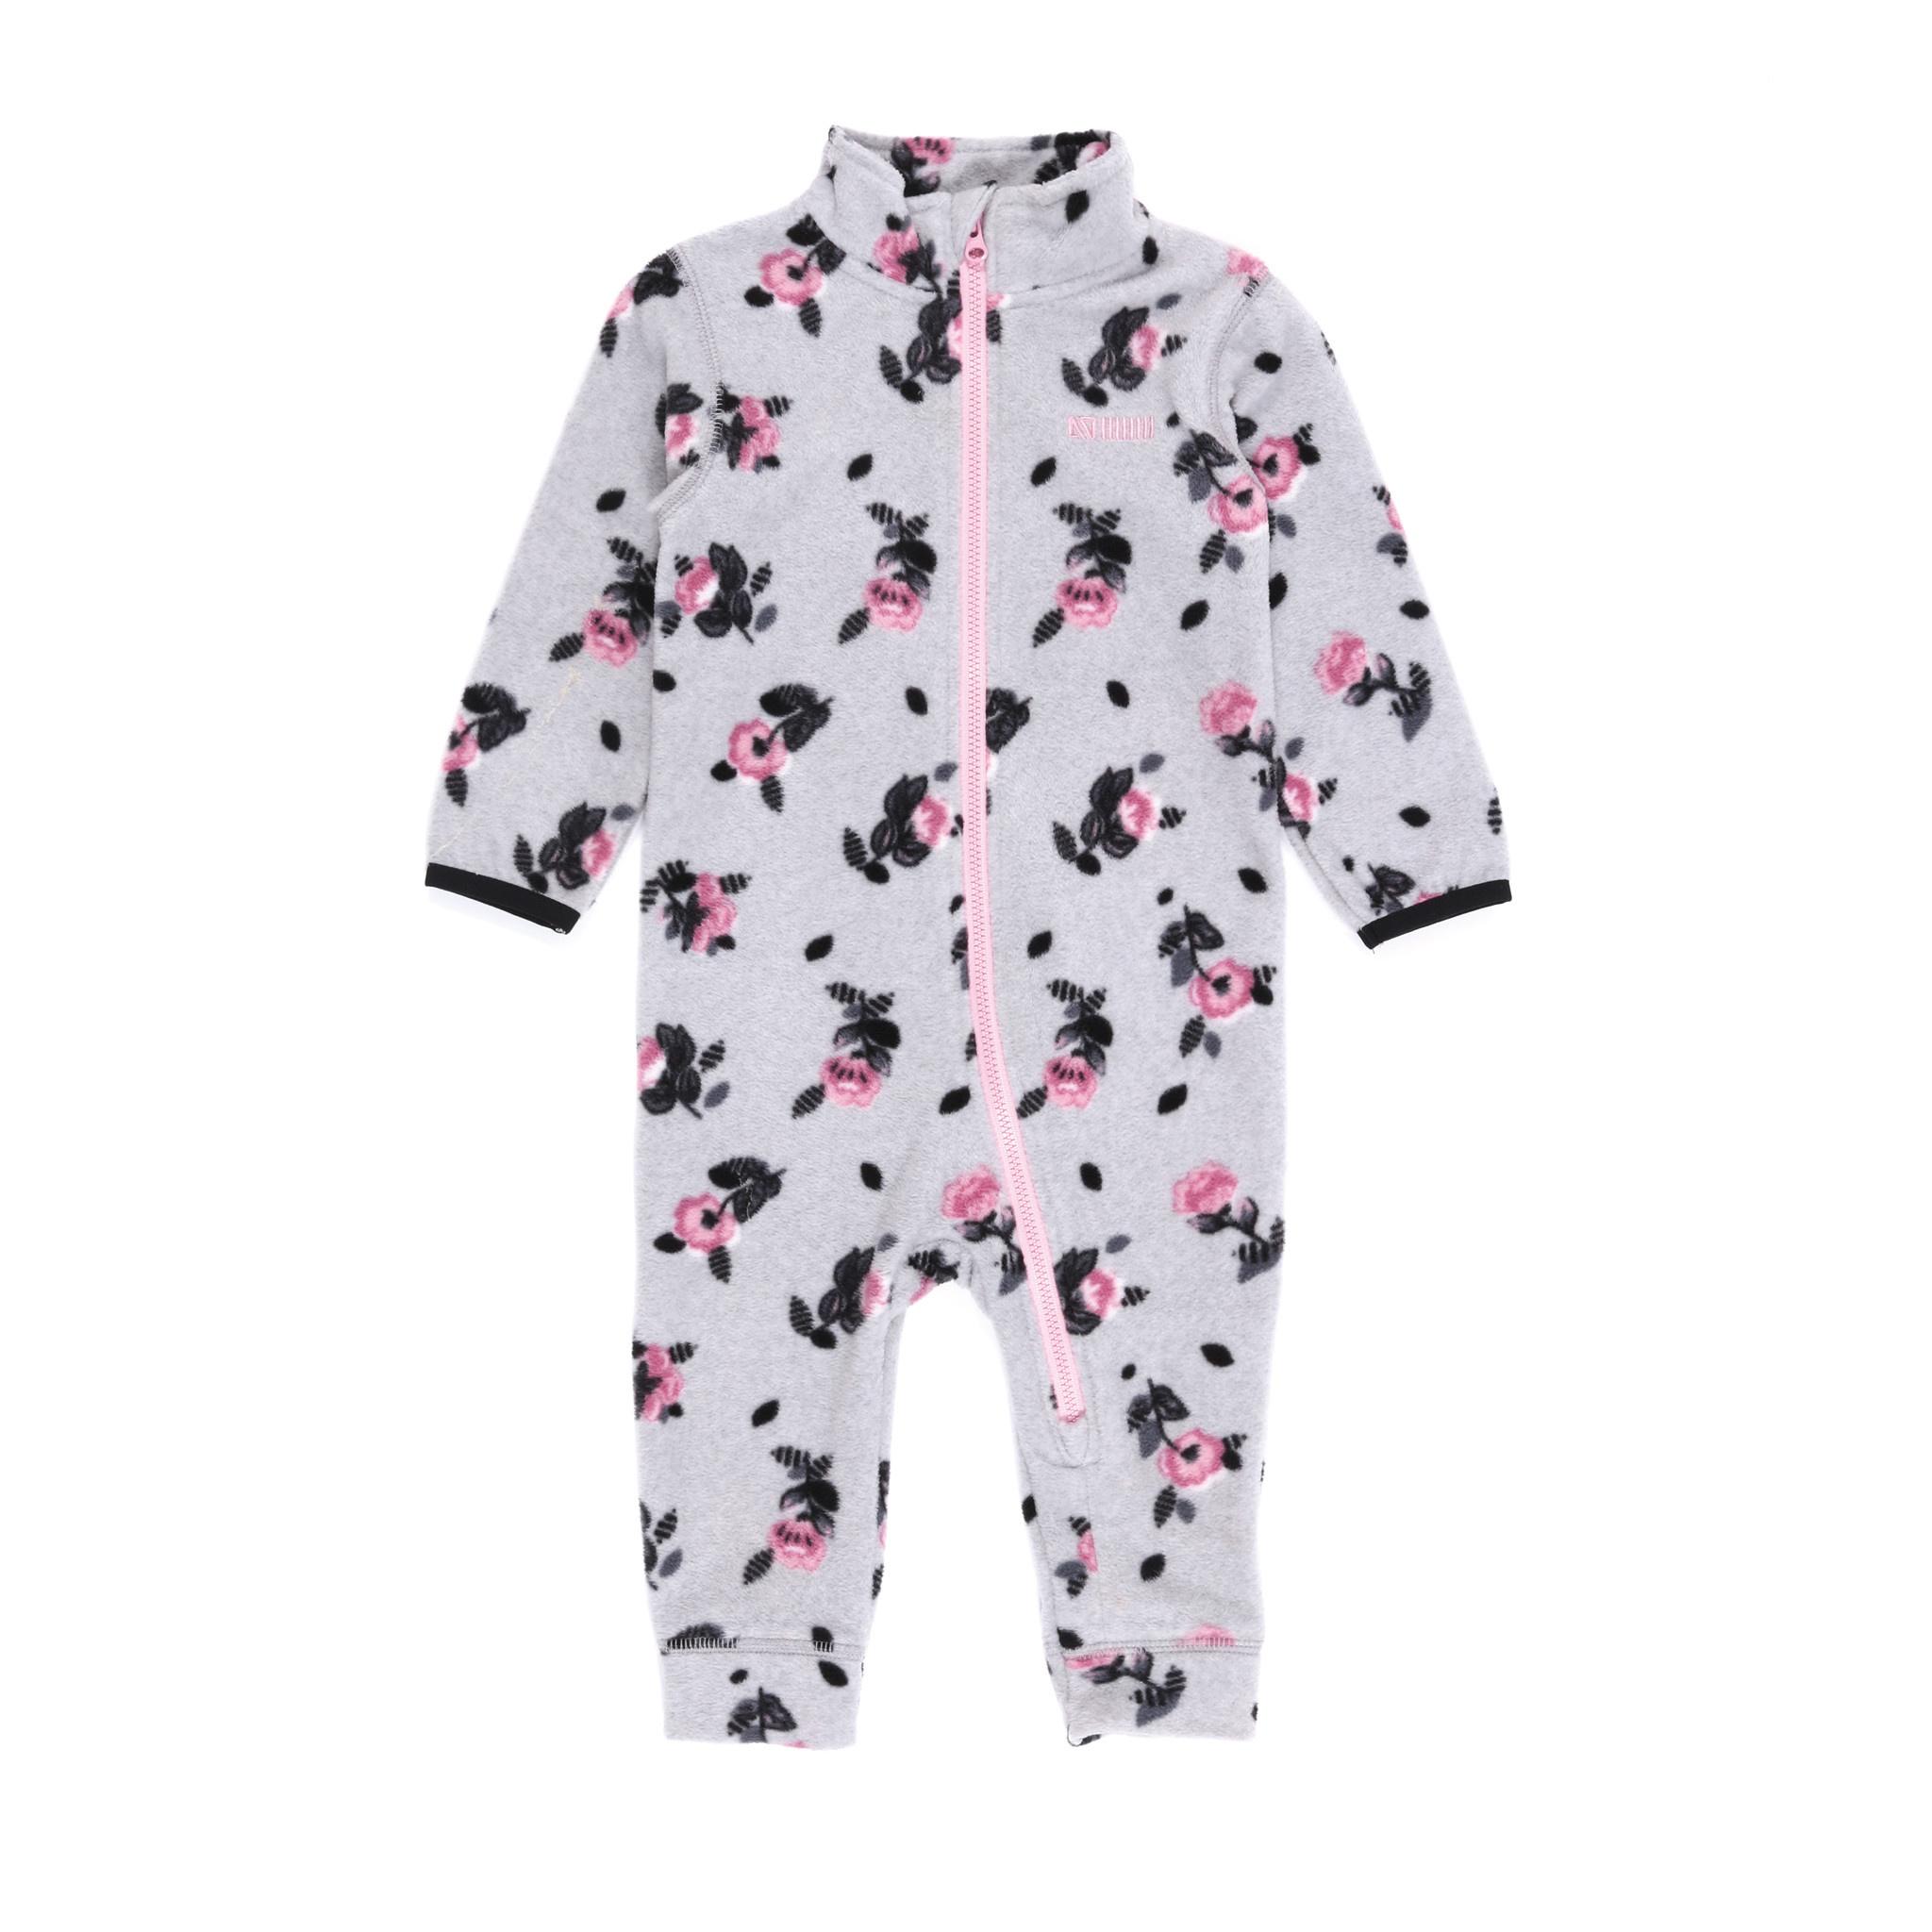 Sous-vêtement en micropolar bébé Fleurs-5